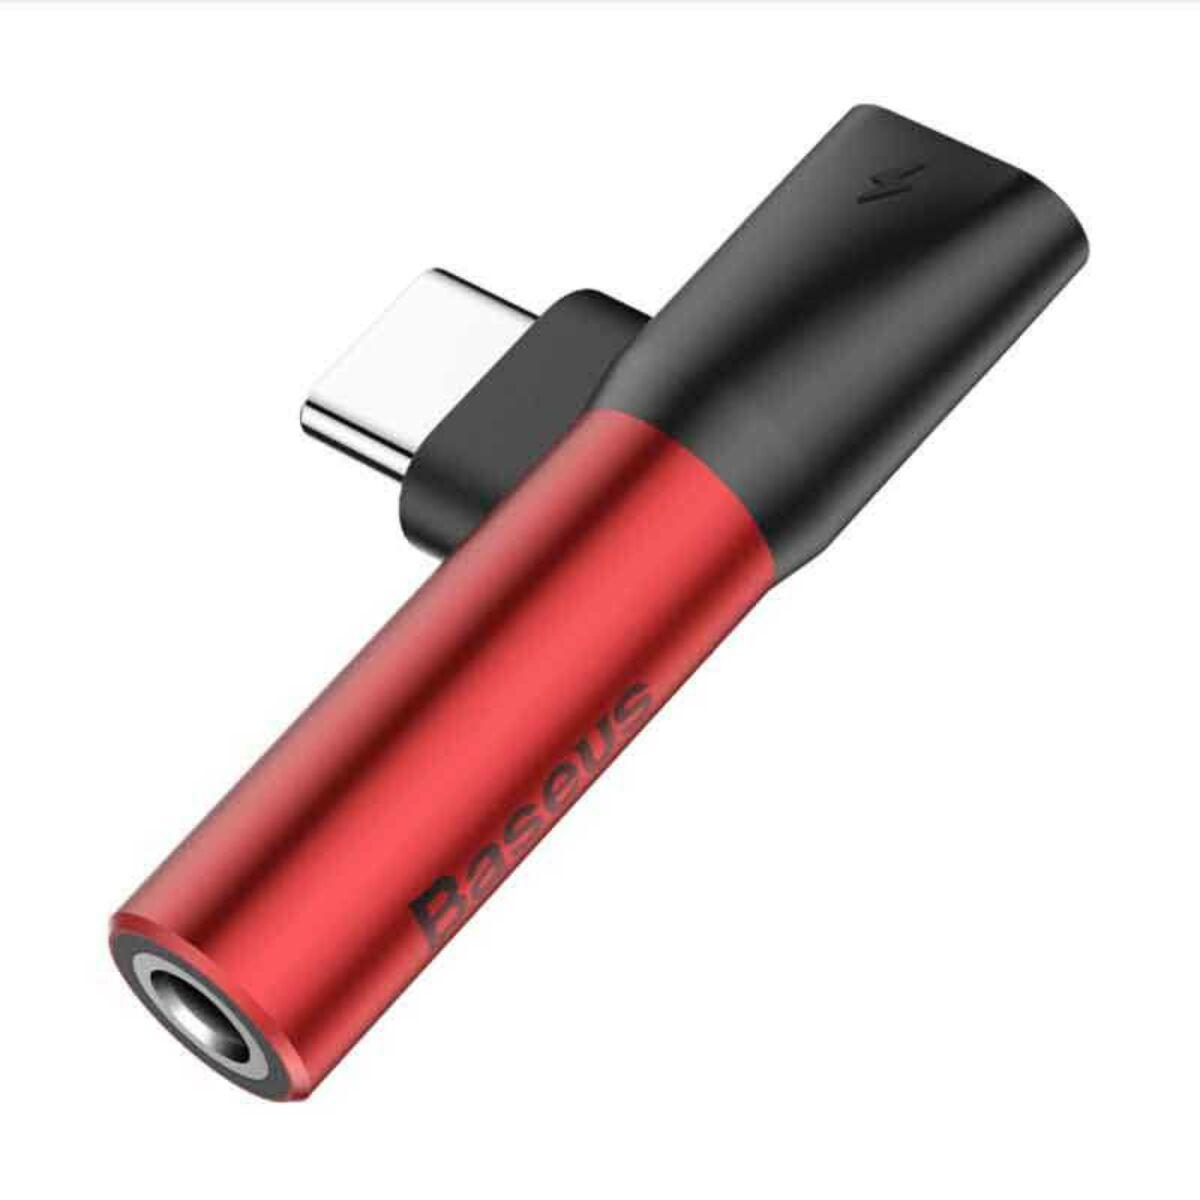 Baseus átalakító, L41 Type-C (bemenet) - Type-C + 3.5 mm, csatlakozó, piros/fekete (CATL41-91)